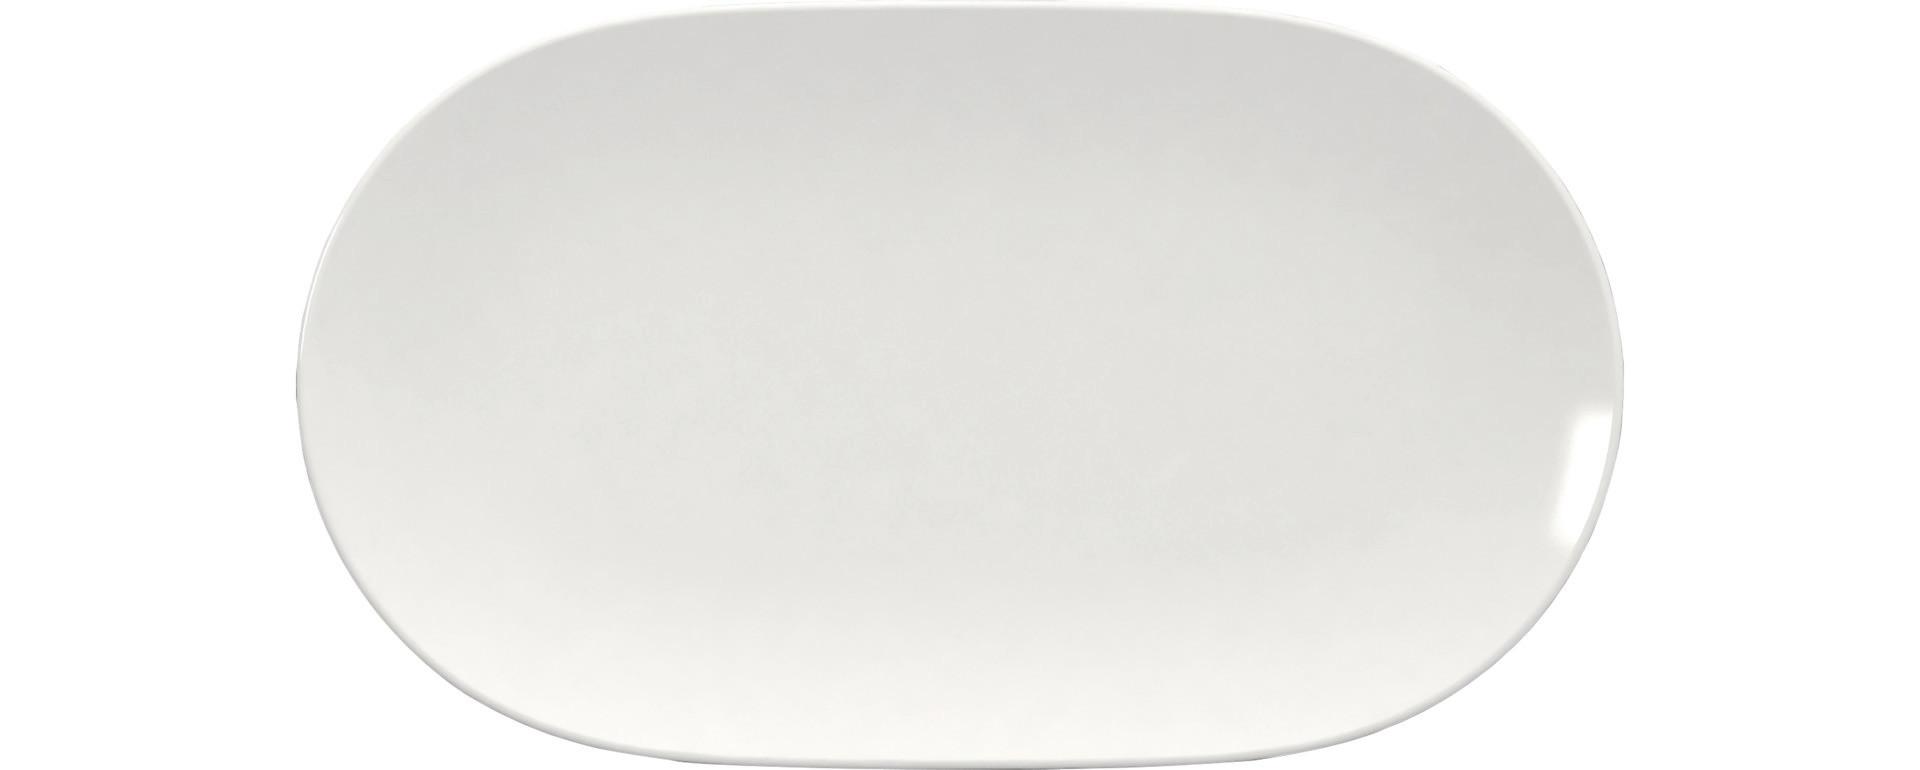 Scope, Coupplatte oval 325 x 188 mm